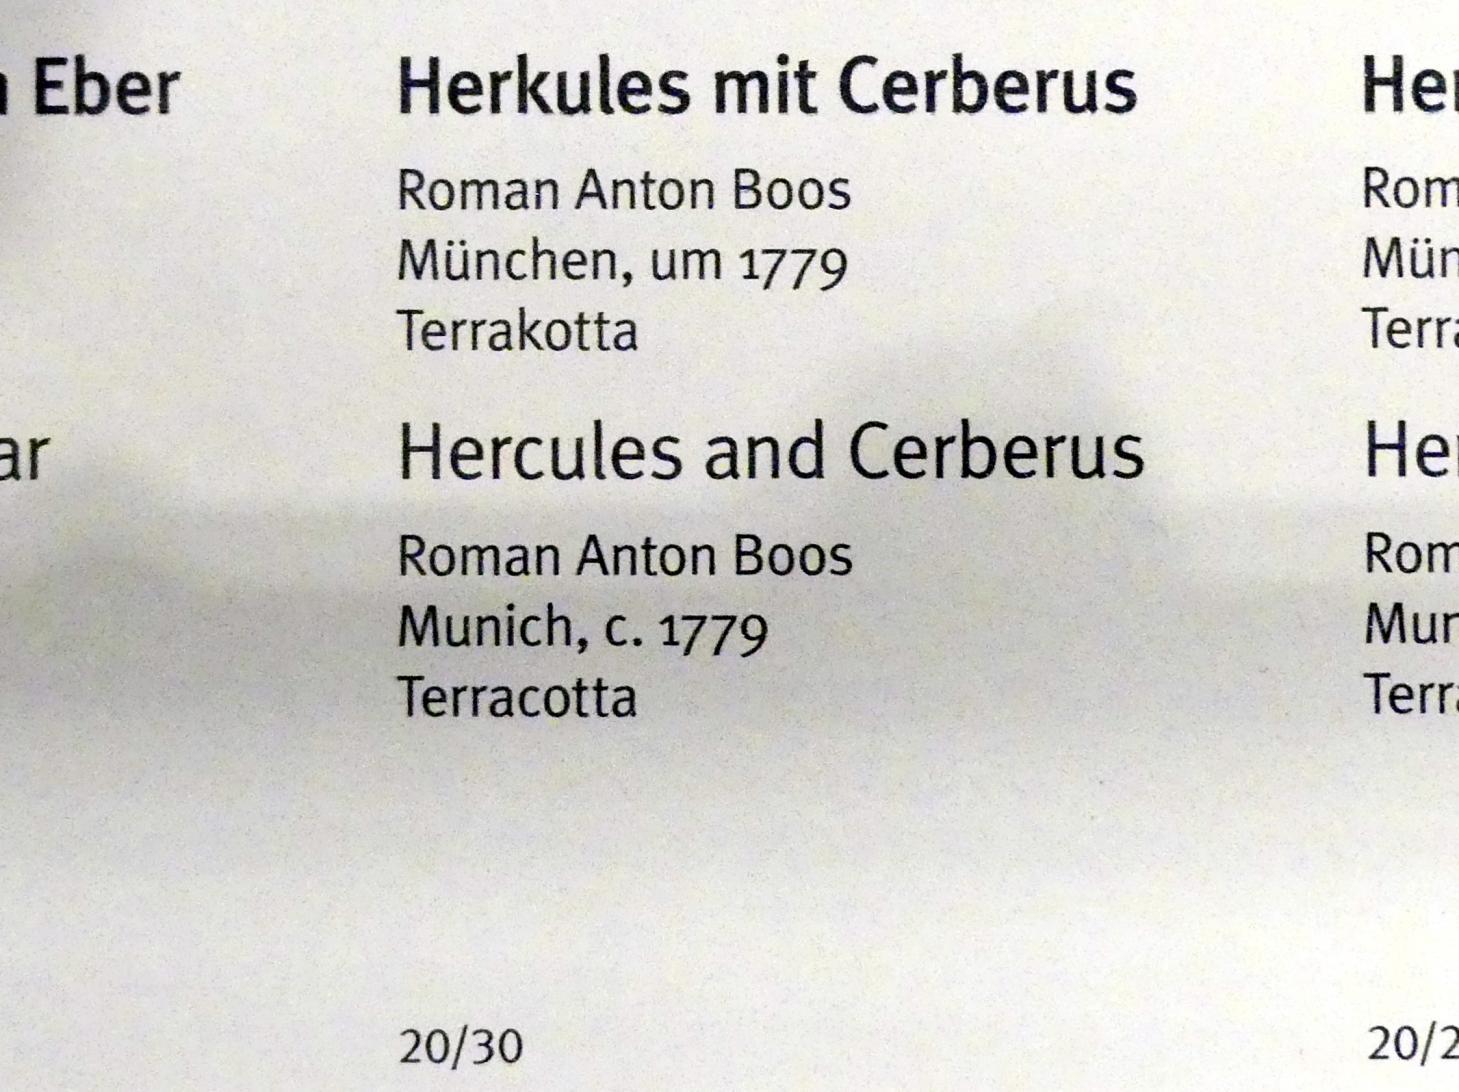 Roman Anton Boos: Herkules mit Cerberus, Um 1779